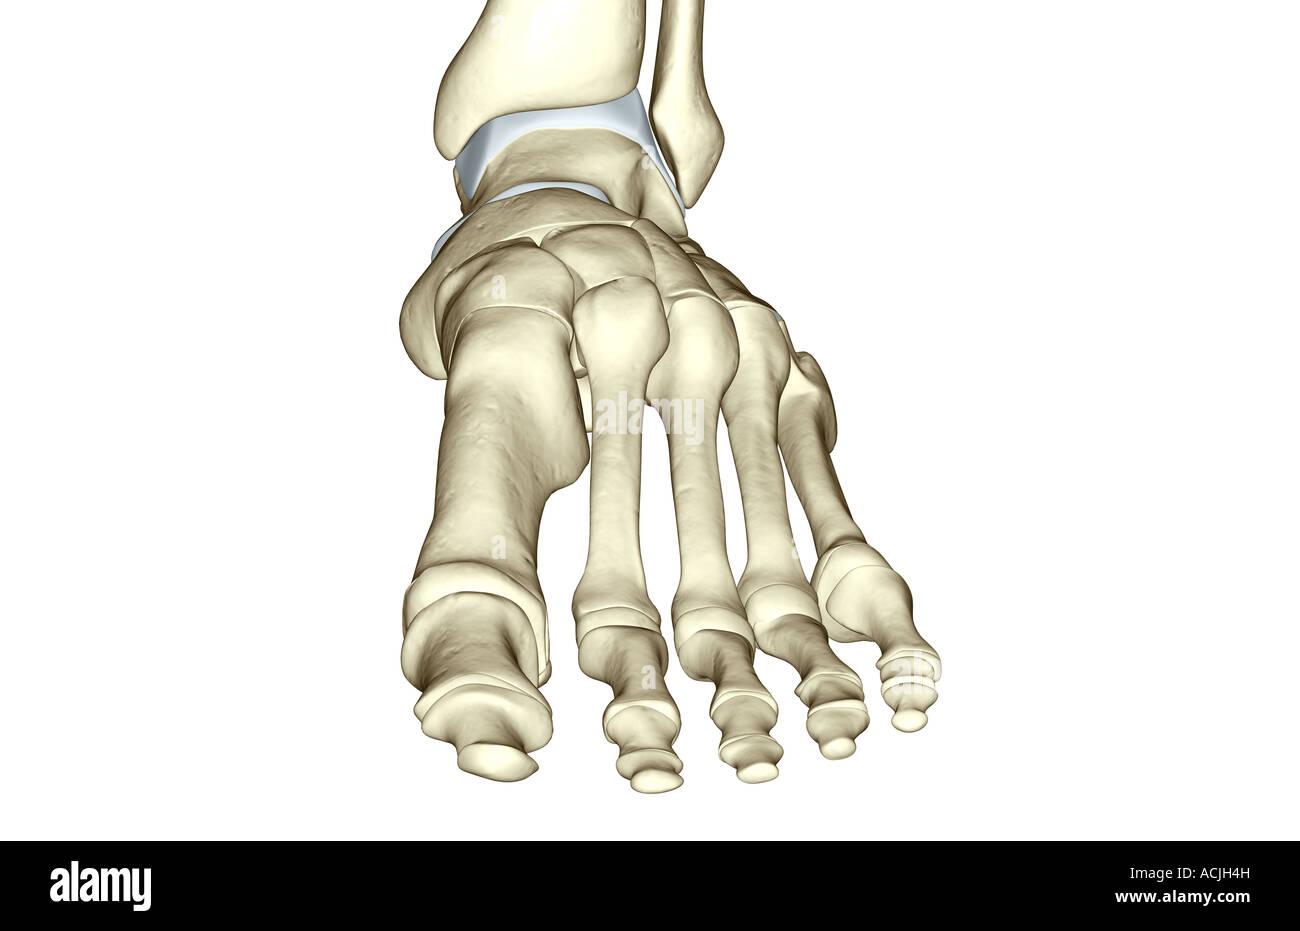 Die Knochen des Fußes Stockfoto, Bild: 13170688 - Alamy